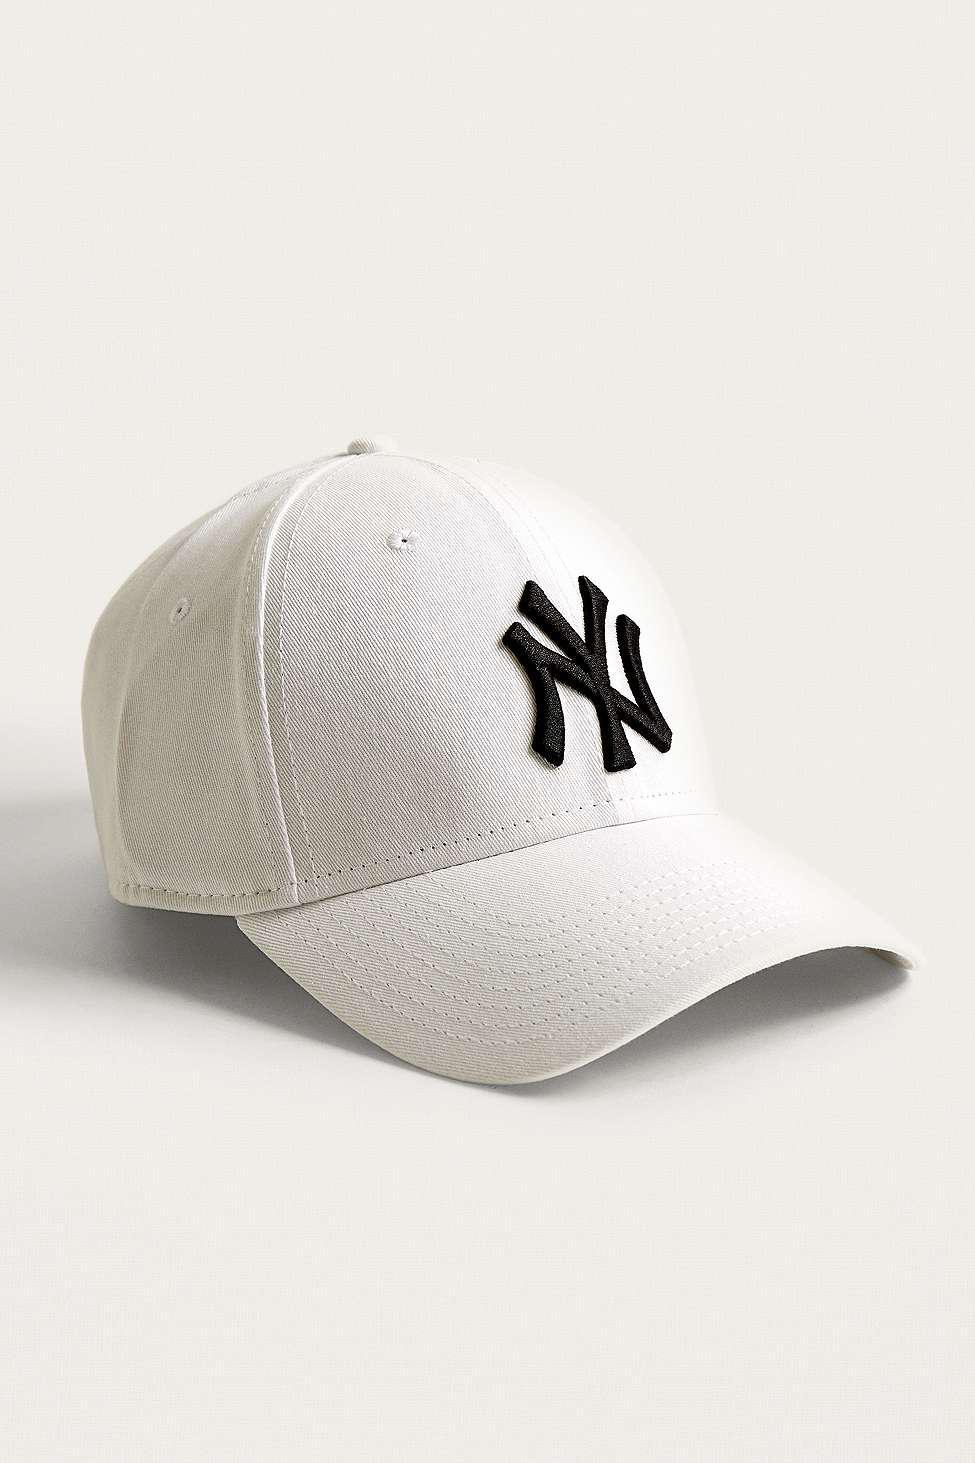 b0053f0fd56 KTZ 9forty Ny Yankees White Cap - Mens All in White for Men - Lyst